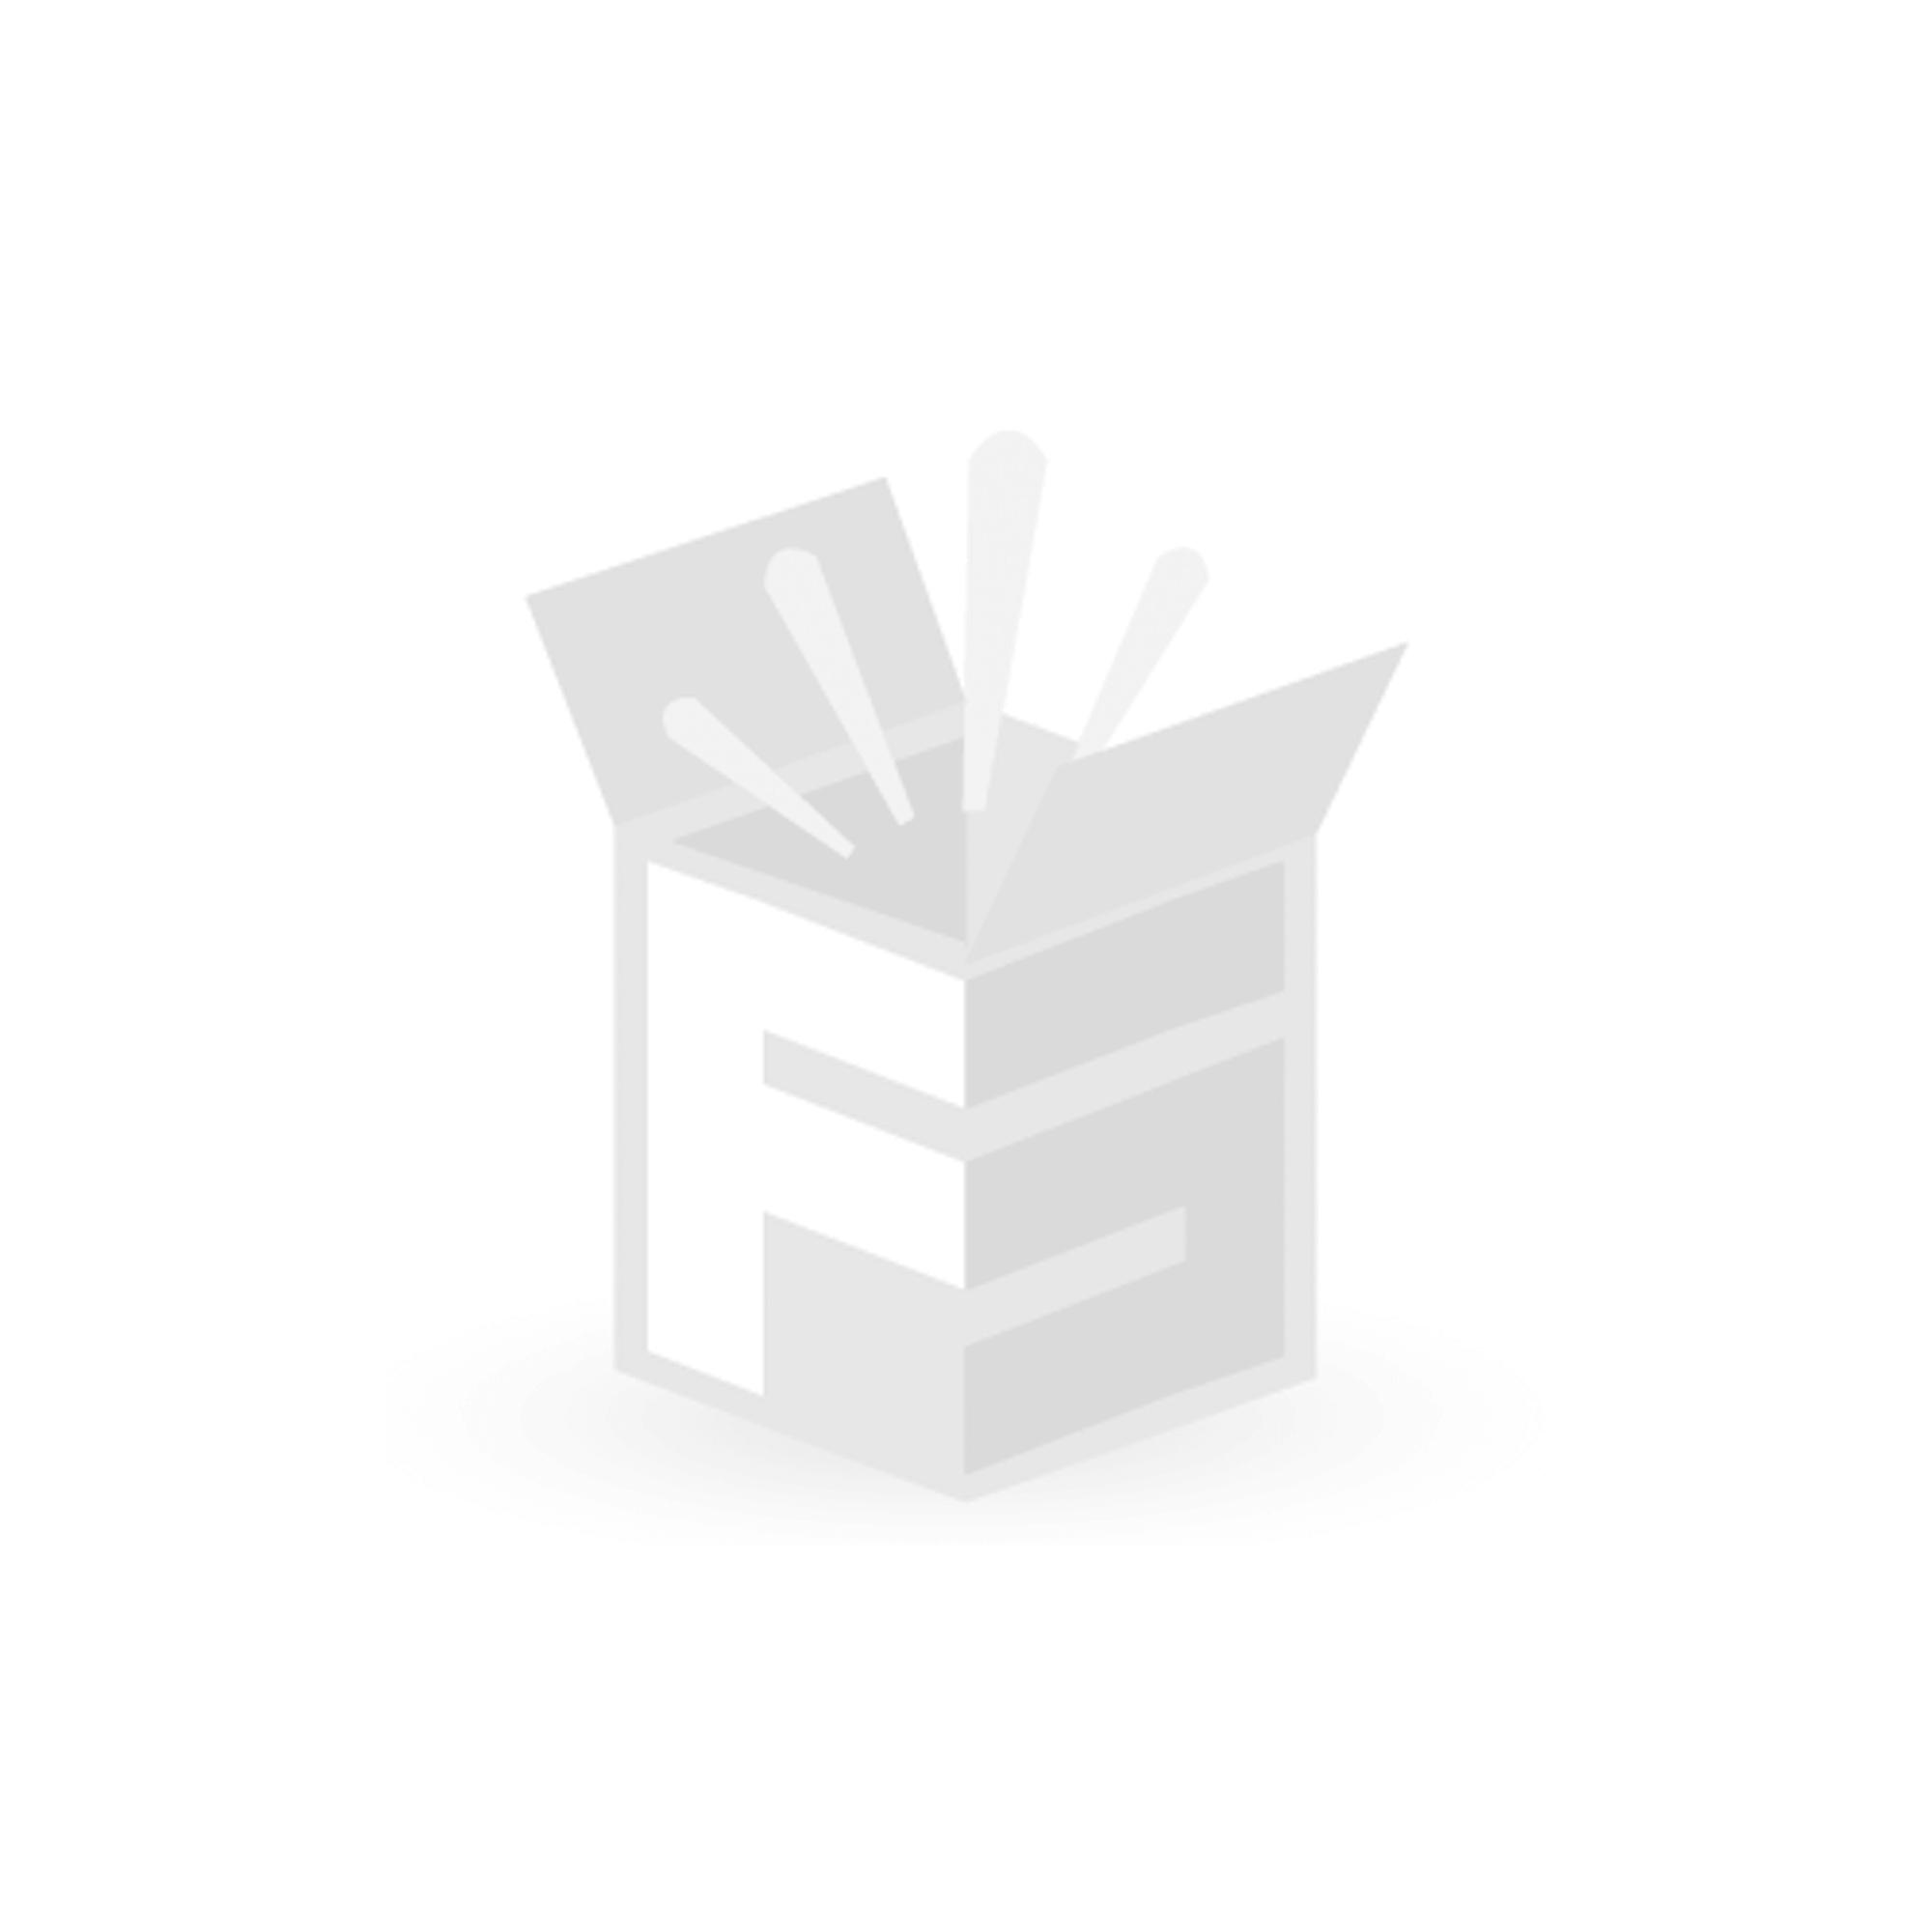 FS-STAR Rührschüssel-Set, 3-teilig